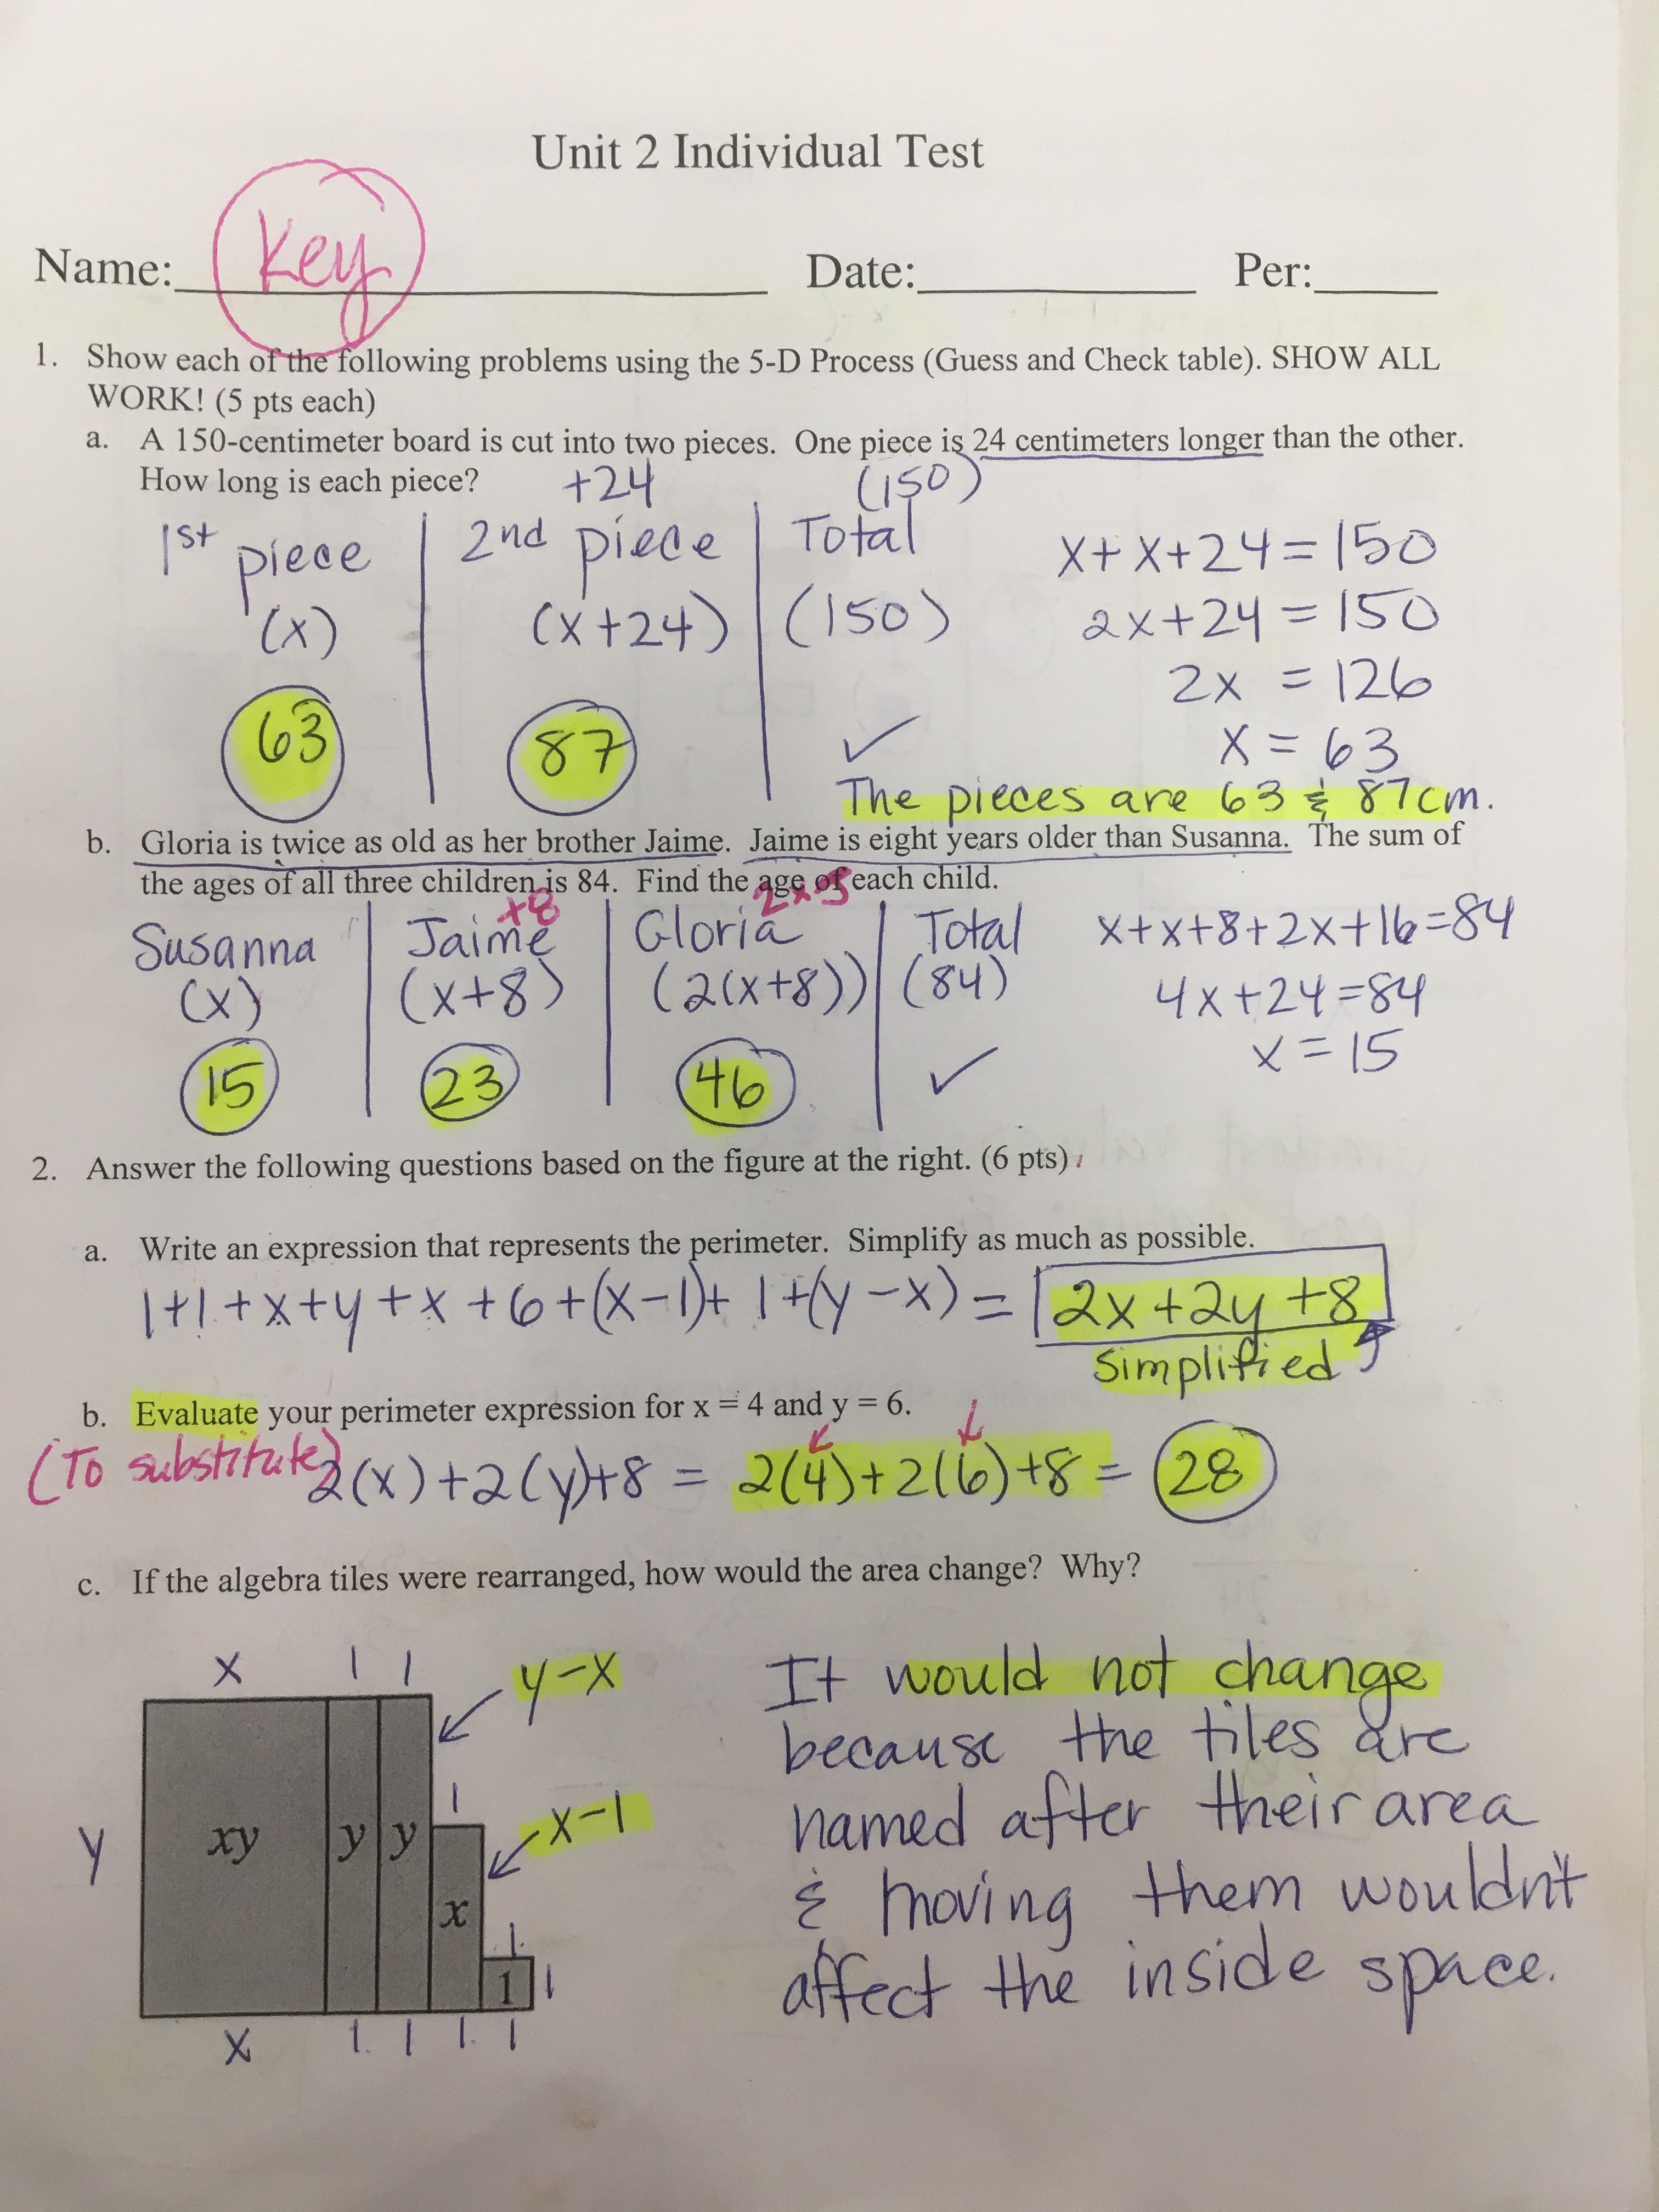 100 Algebra Tiles Worksheets 7th Grade – Algebra Tiles Worksheets